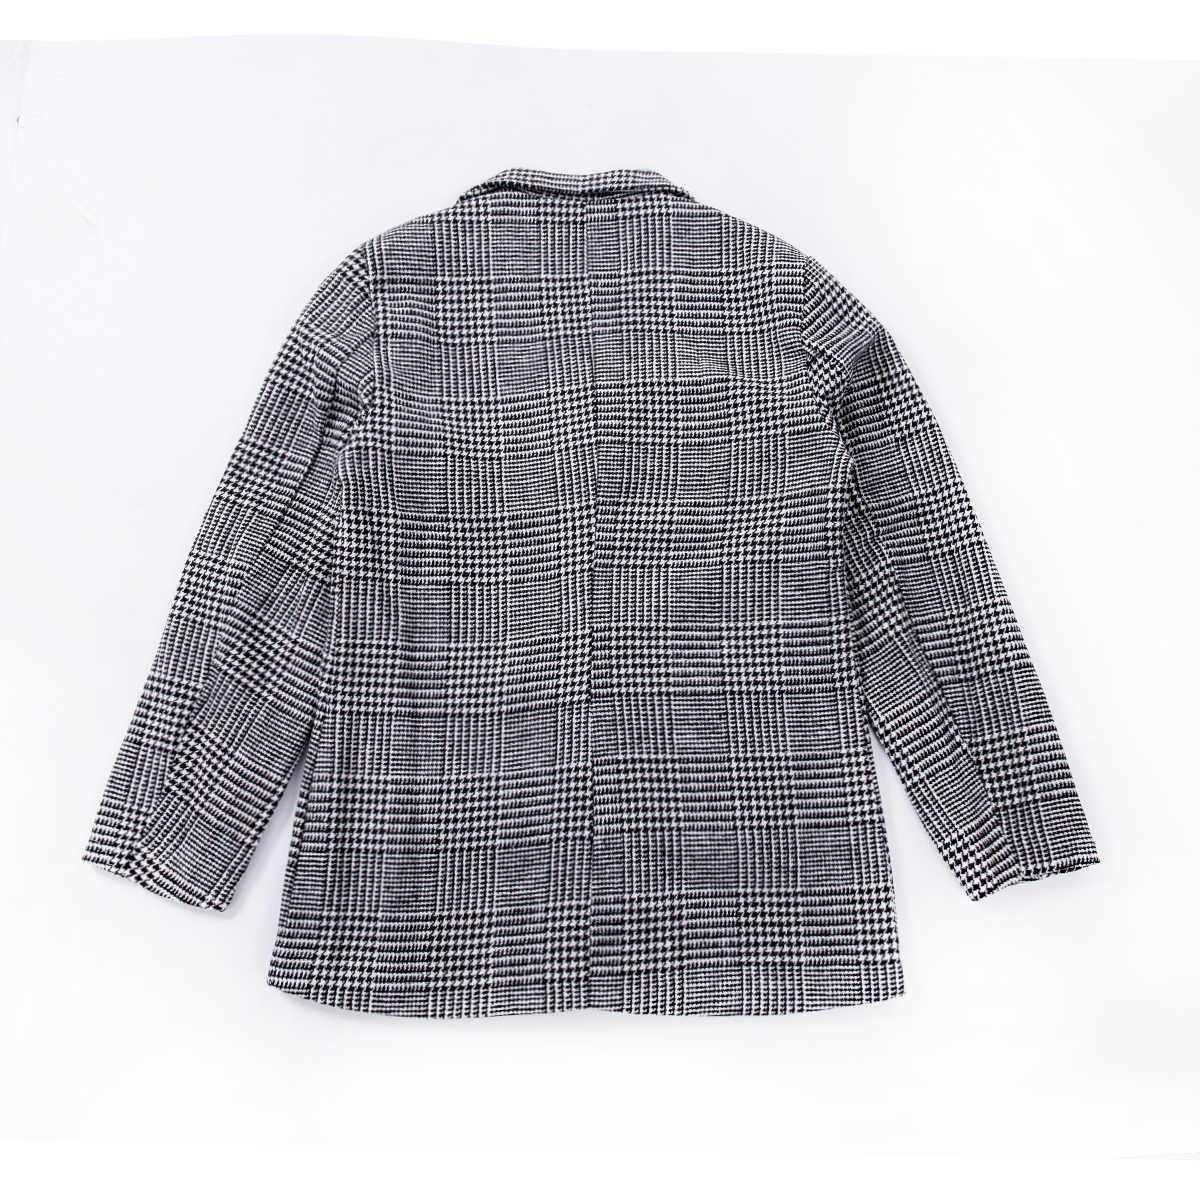 Inverno nova moda masculina xadrez plus size casaco masculino casual inverno moda senhores casaco longo outwear alta qualidade